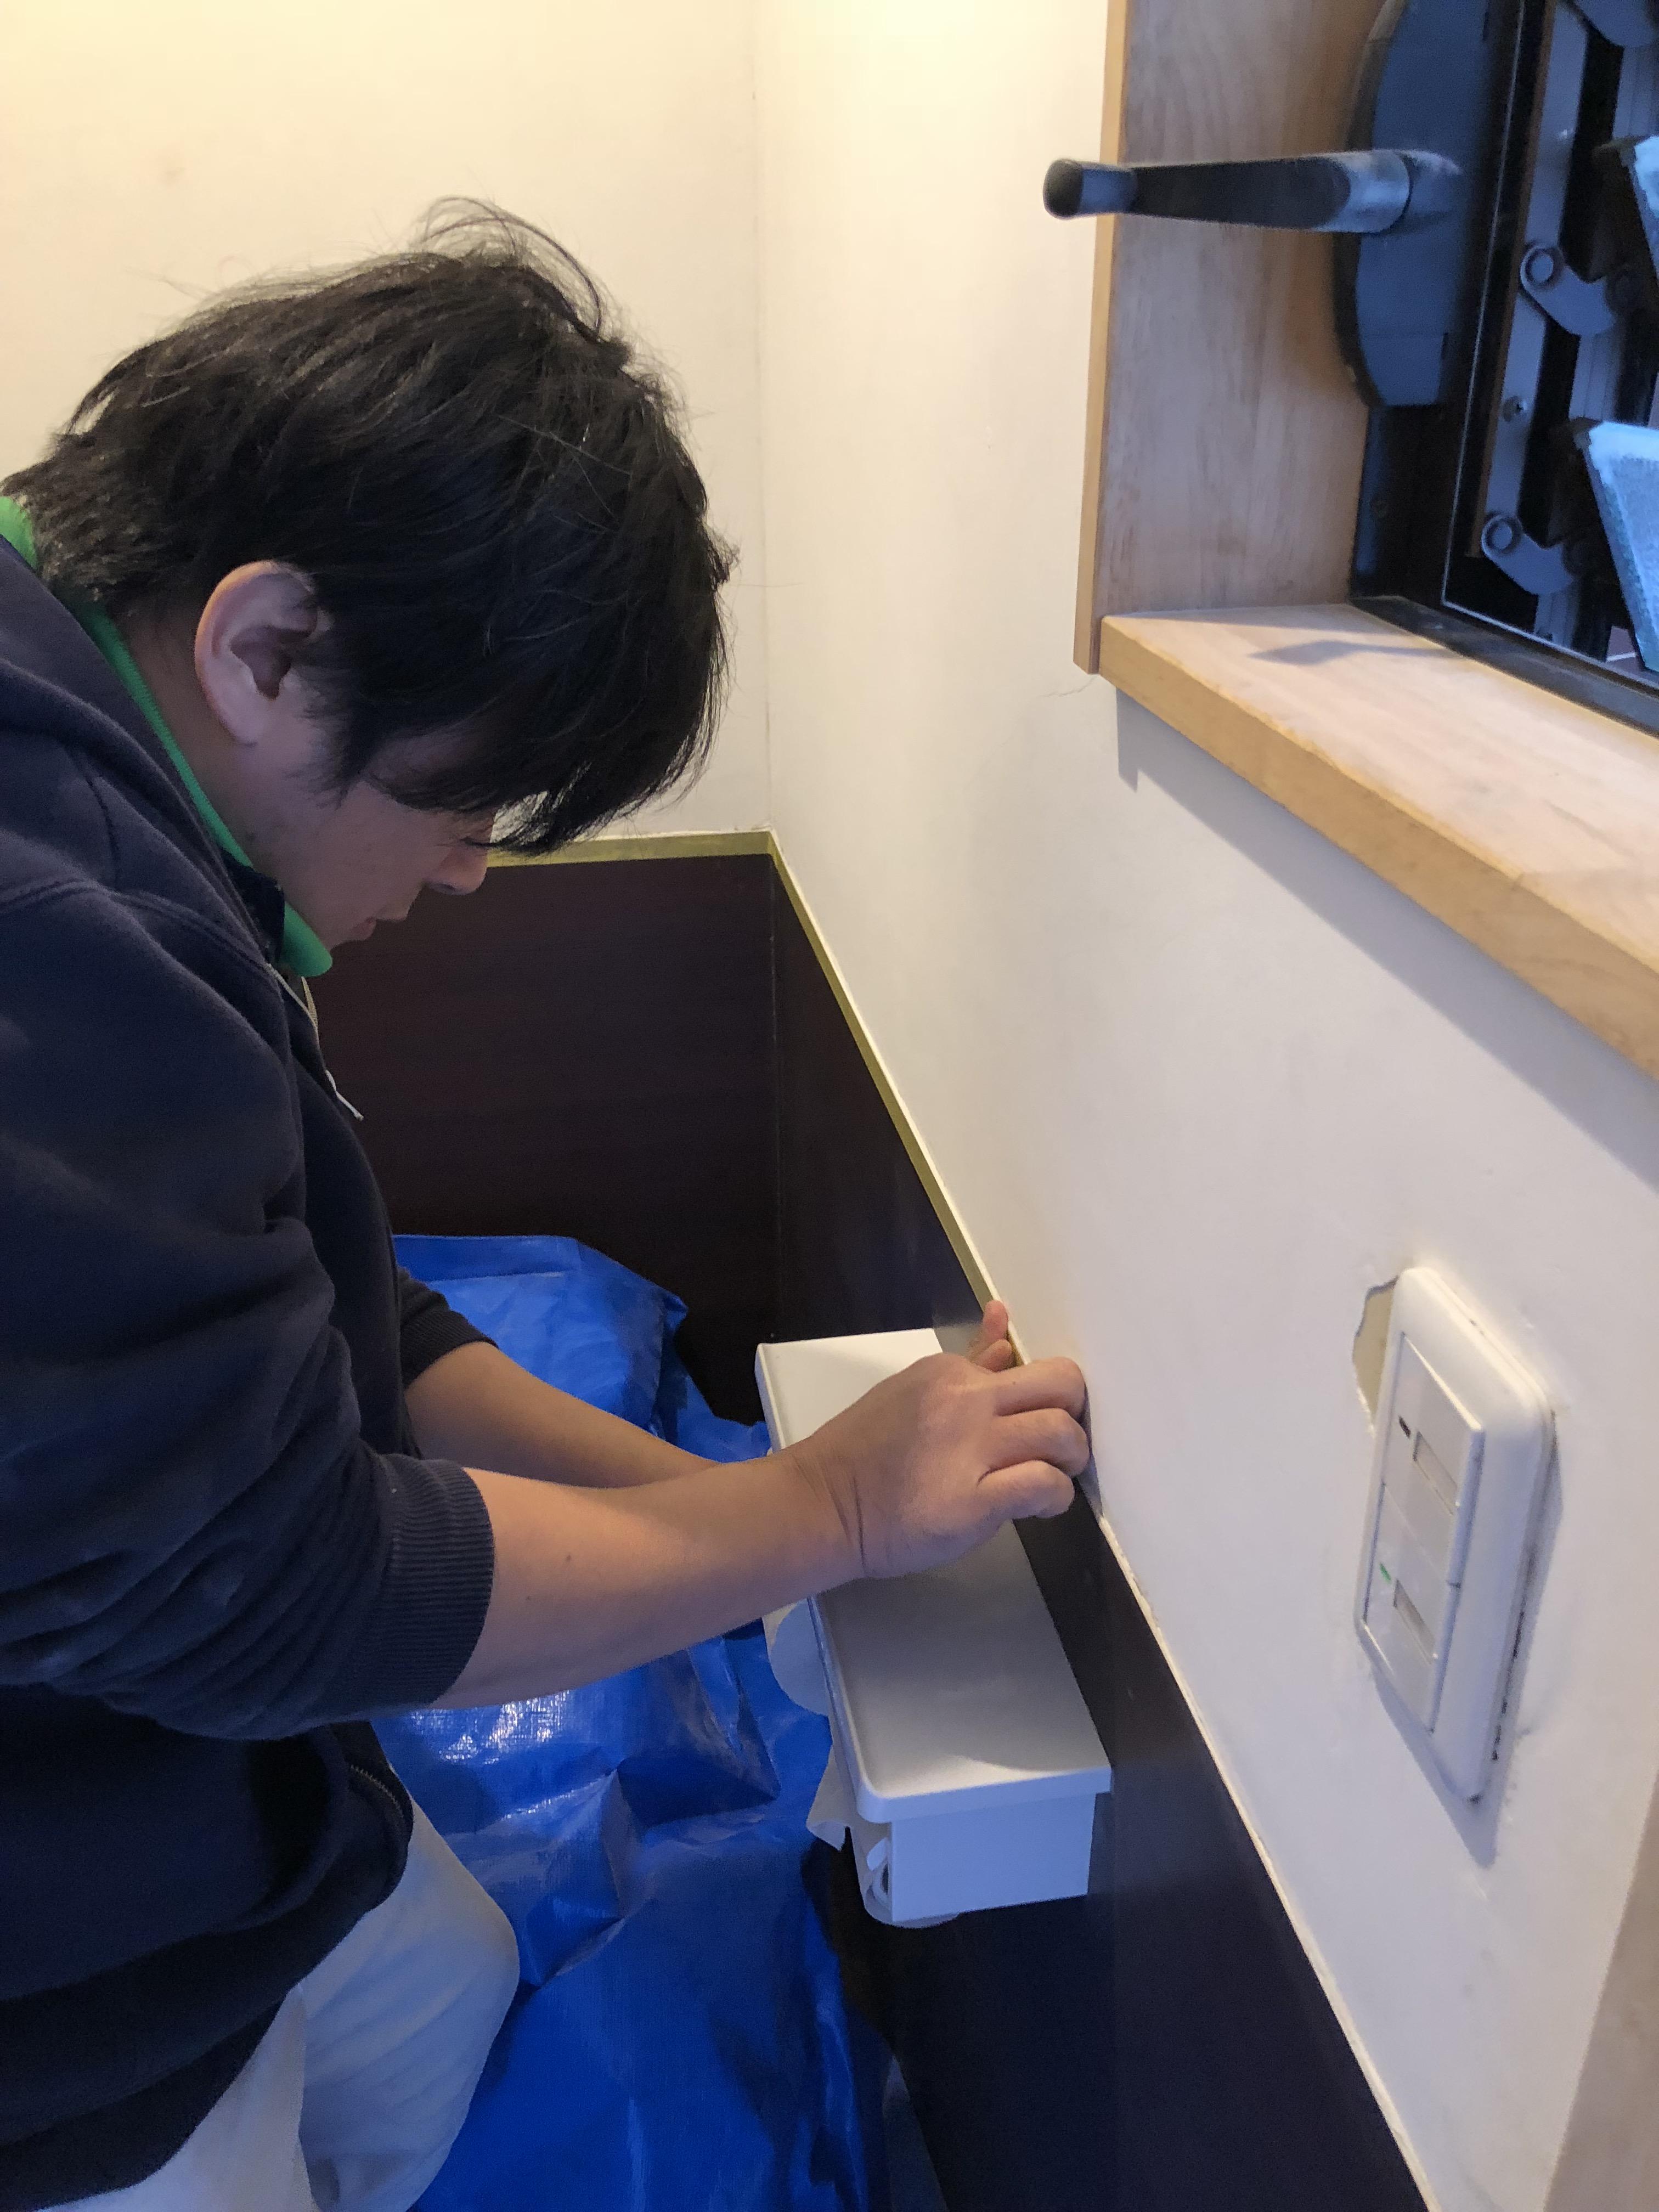 【漆喰の補修】平成30年7月豪雨で被害を受けた漆喰壁修復をしました